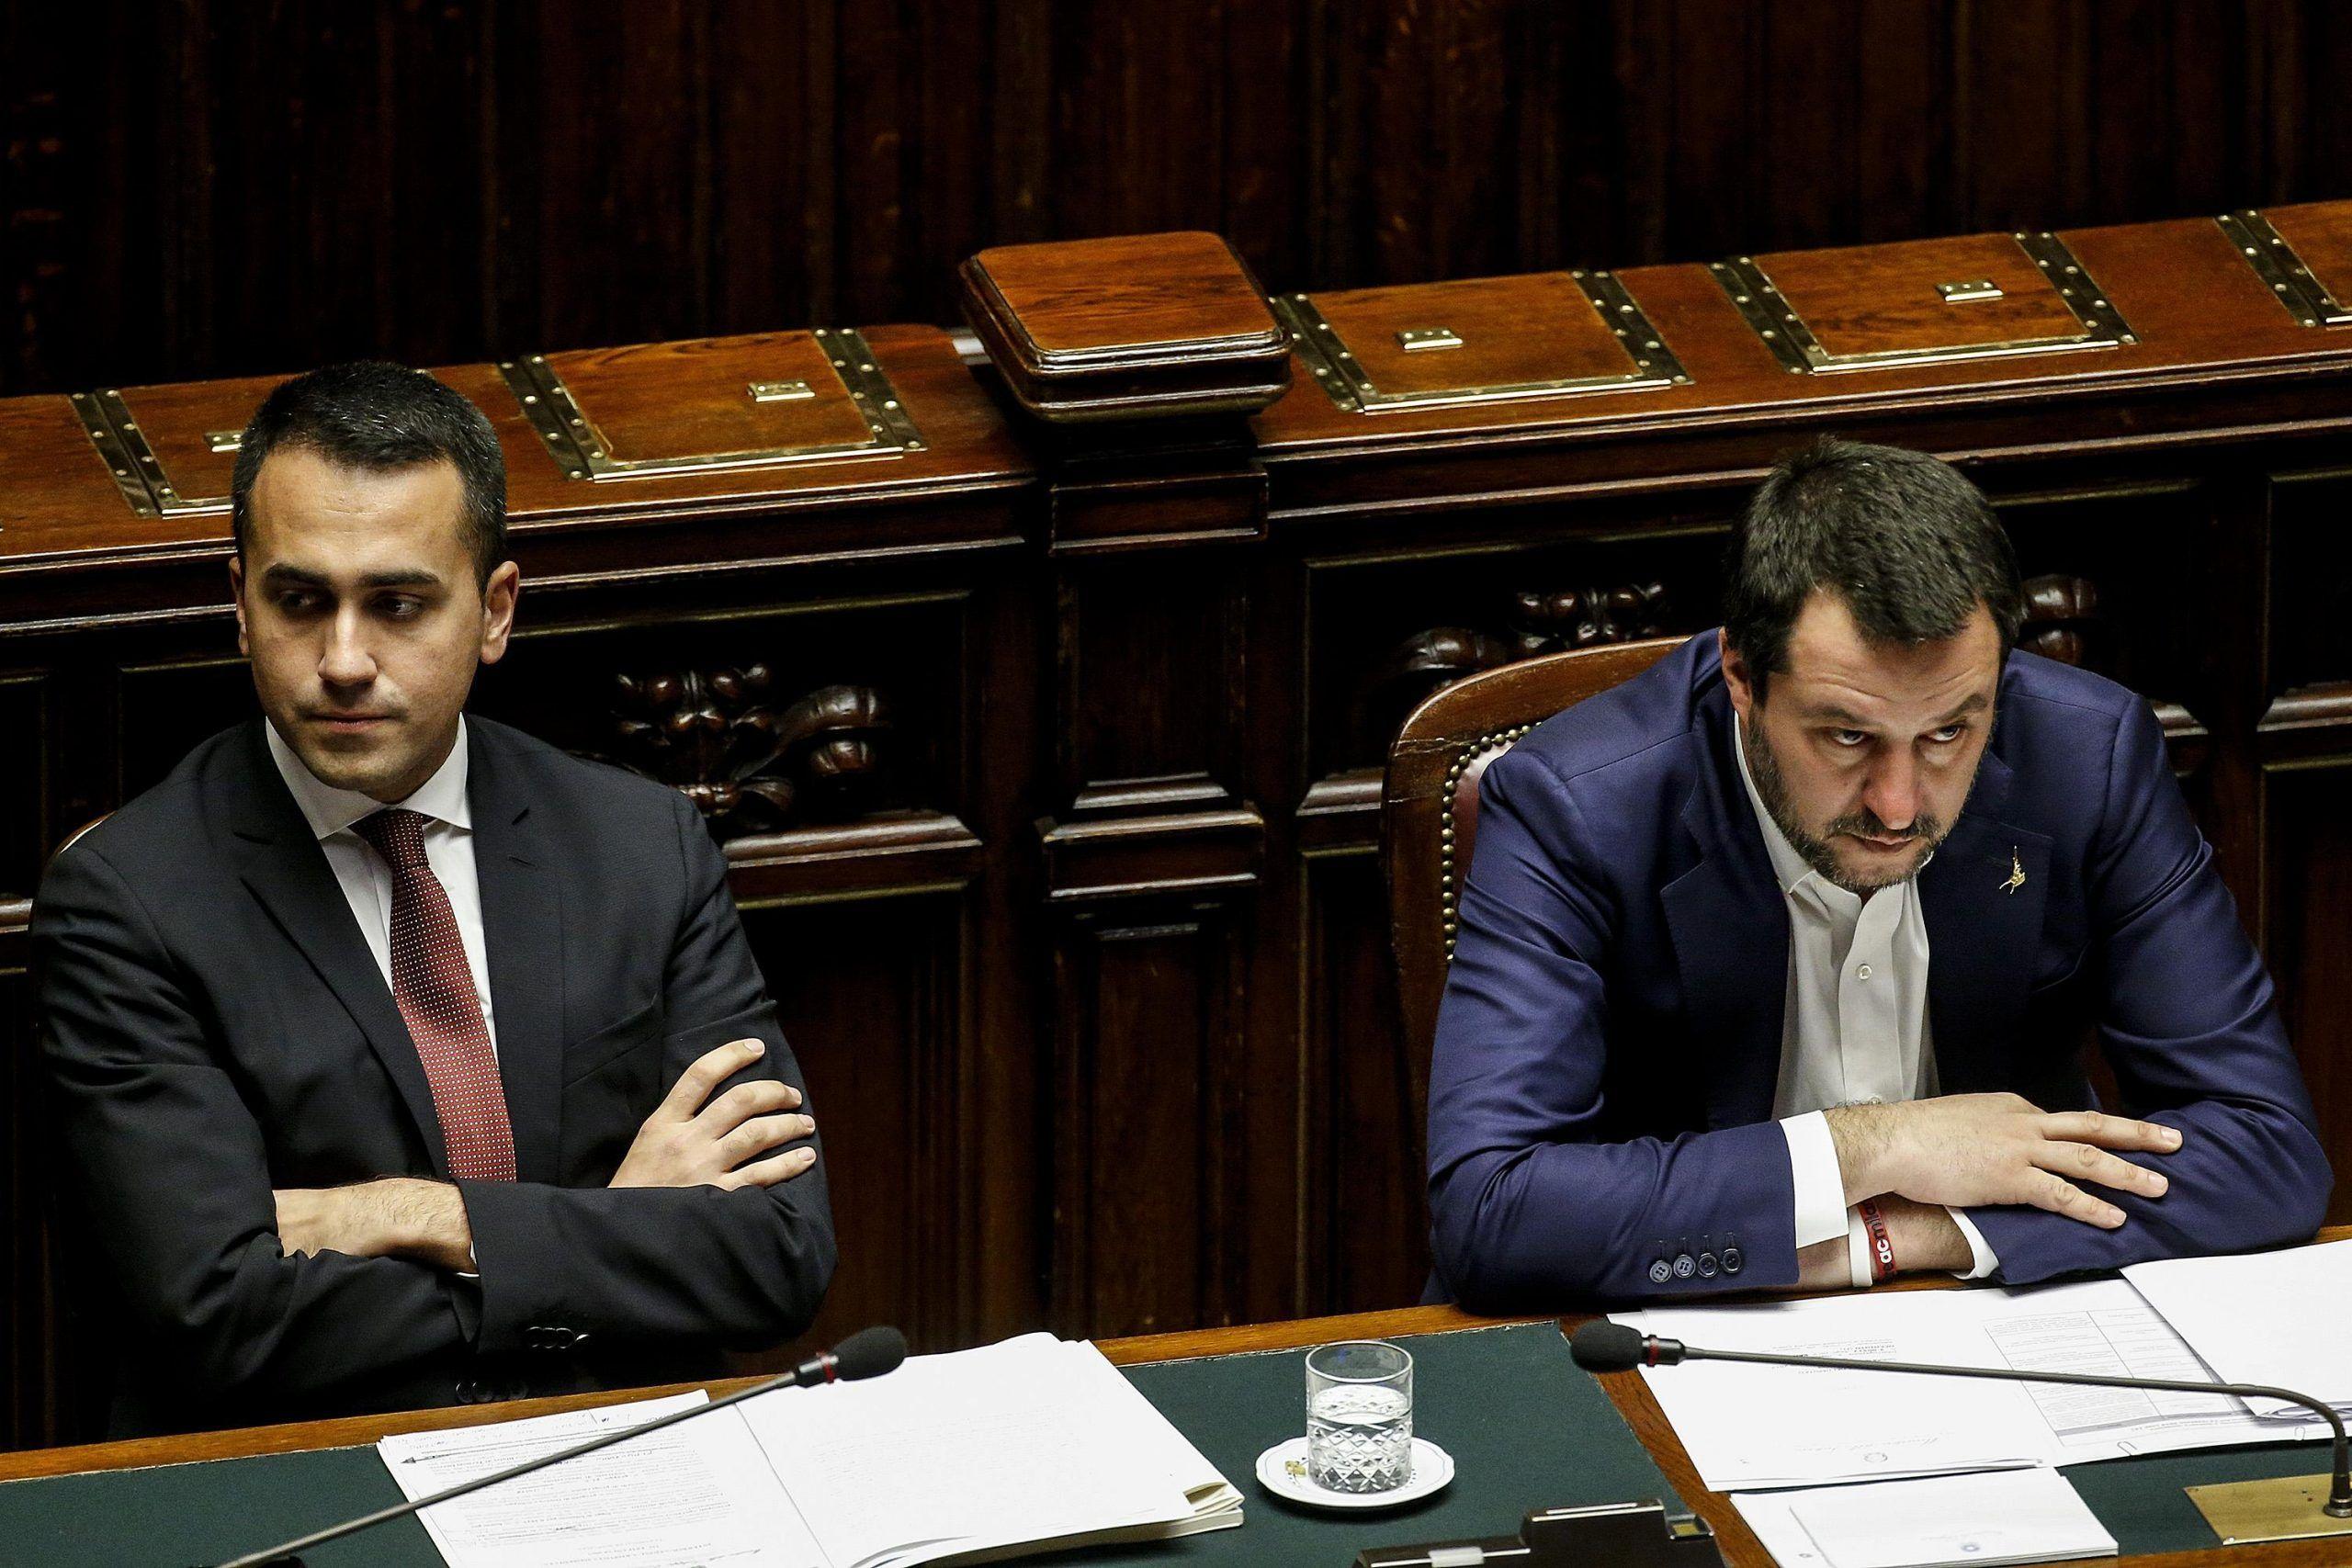 Processo a Salvini per la Diciotti, voto online sulla piattaforma Rousseau per il M5S